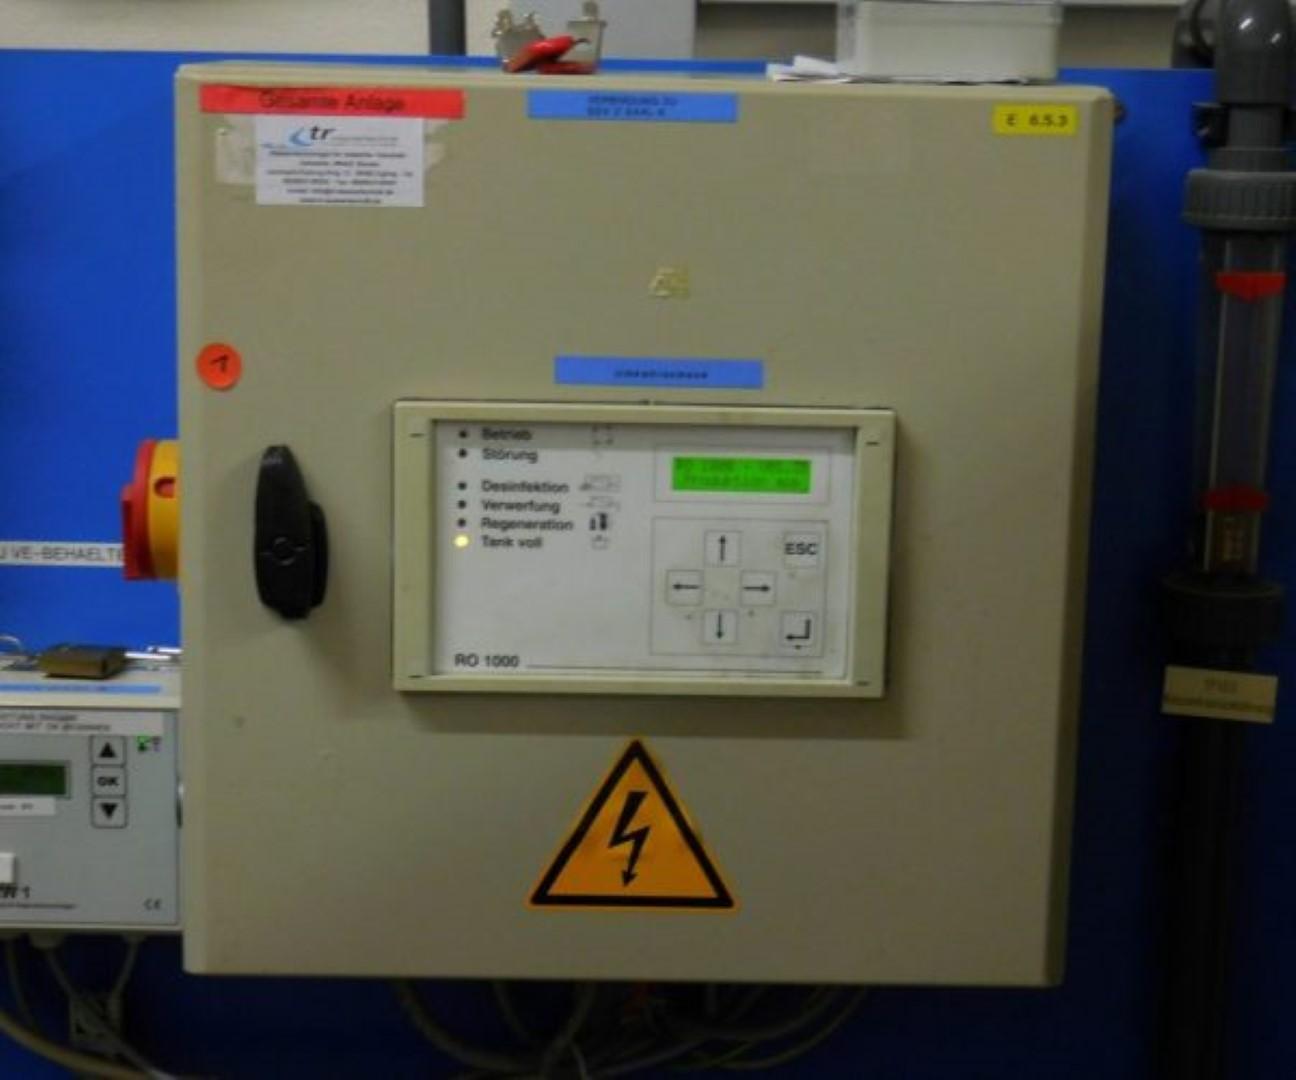 Steuerung UO - Anlage RO1000